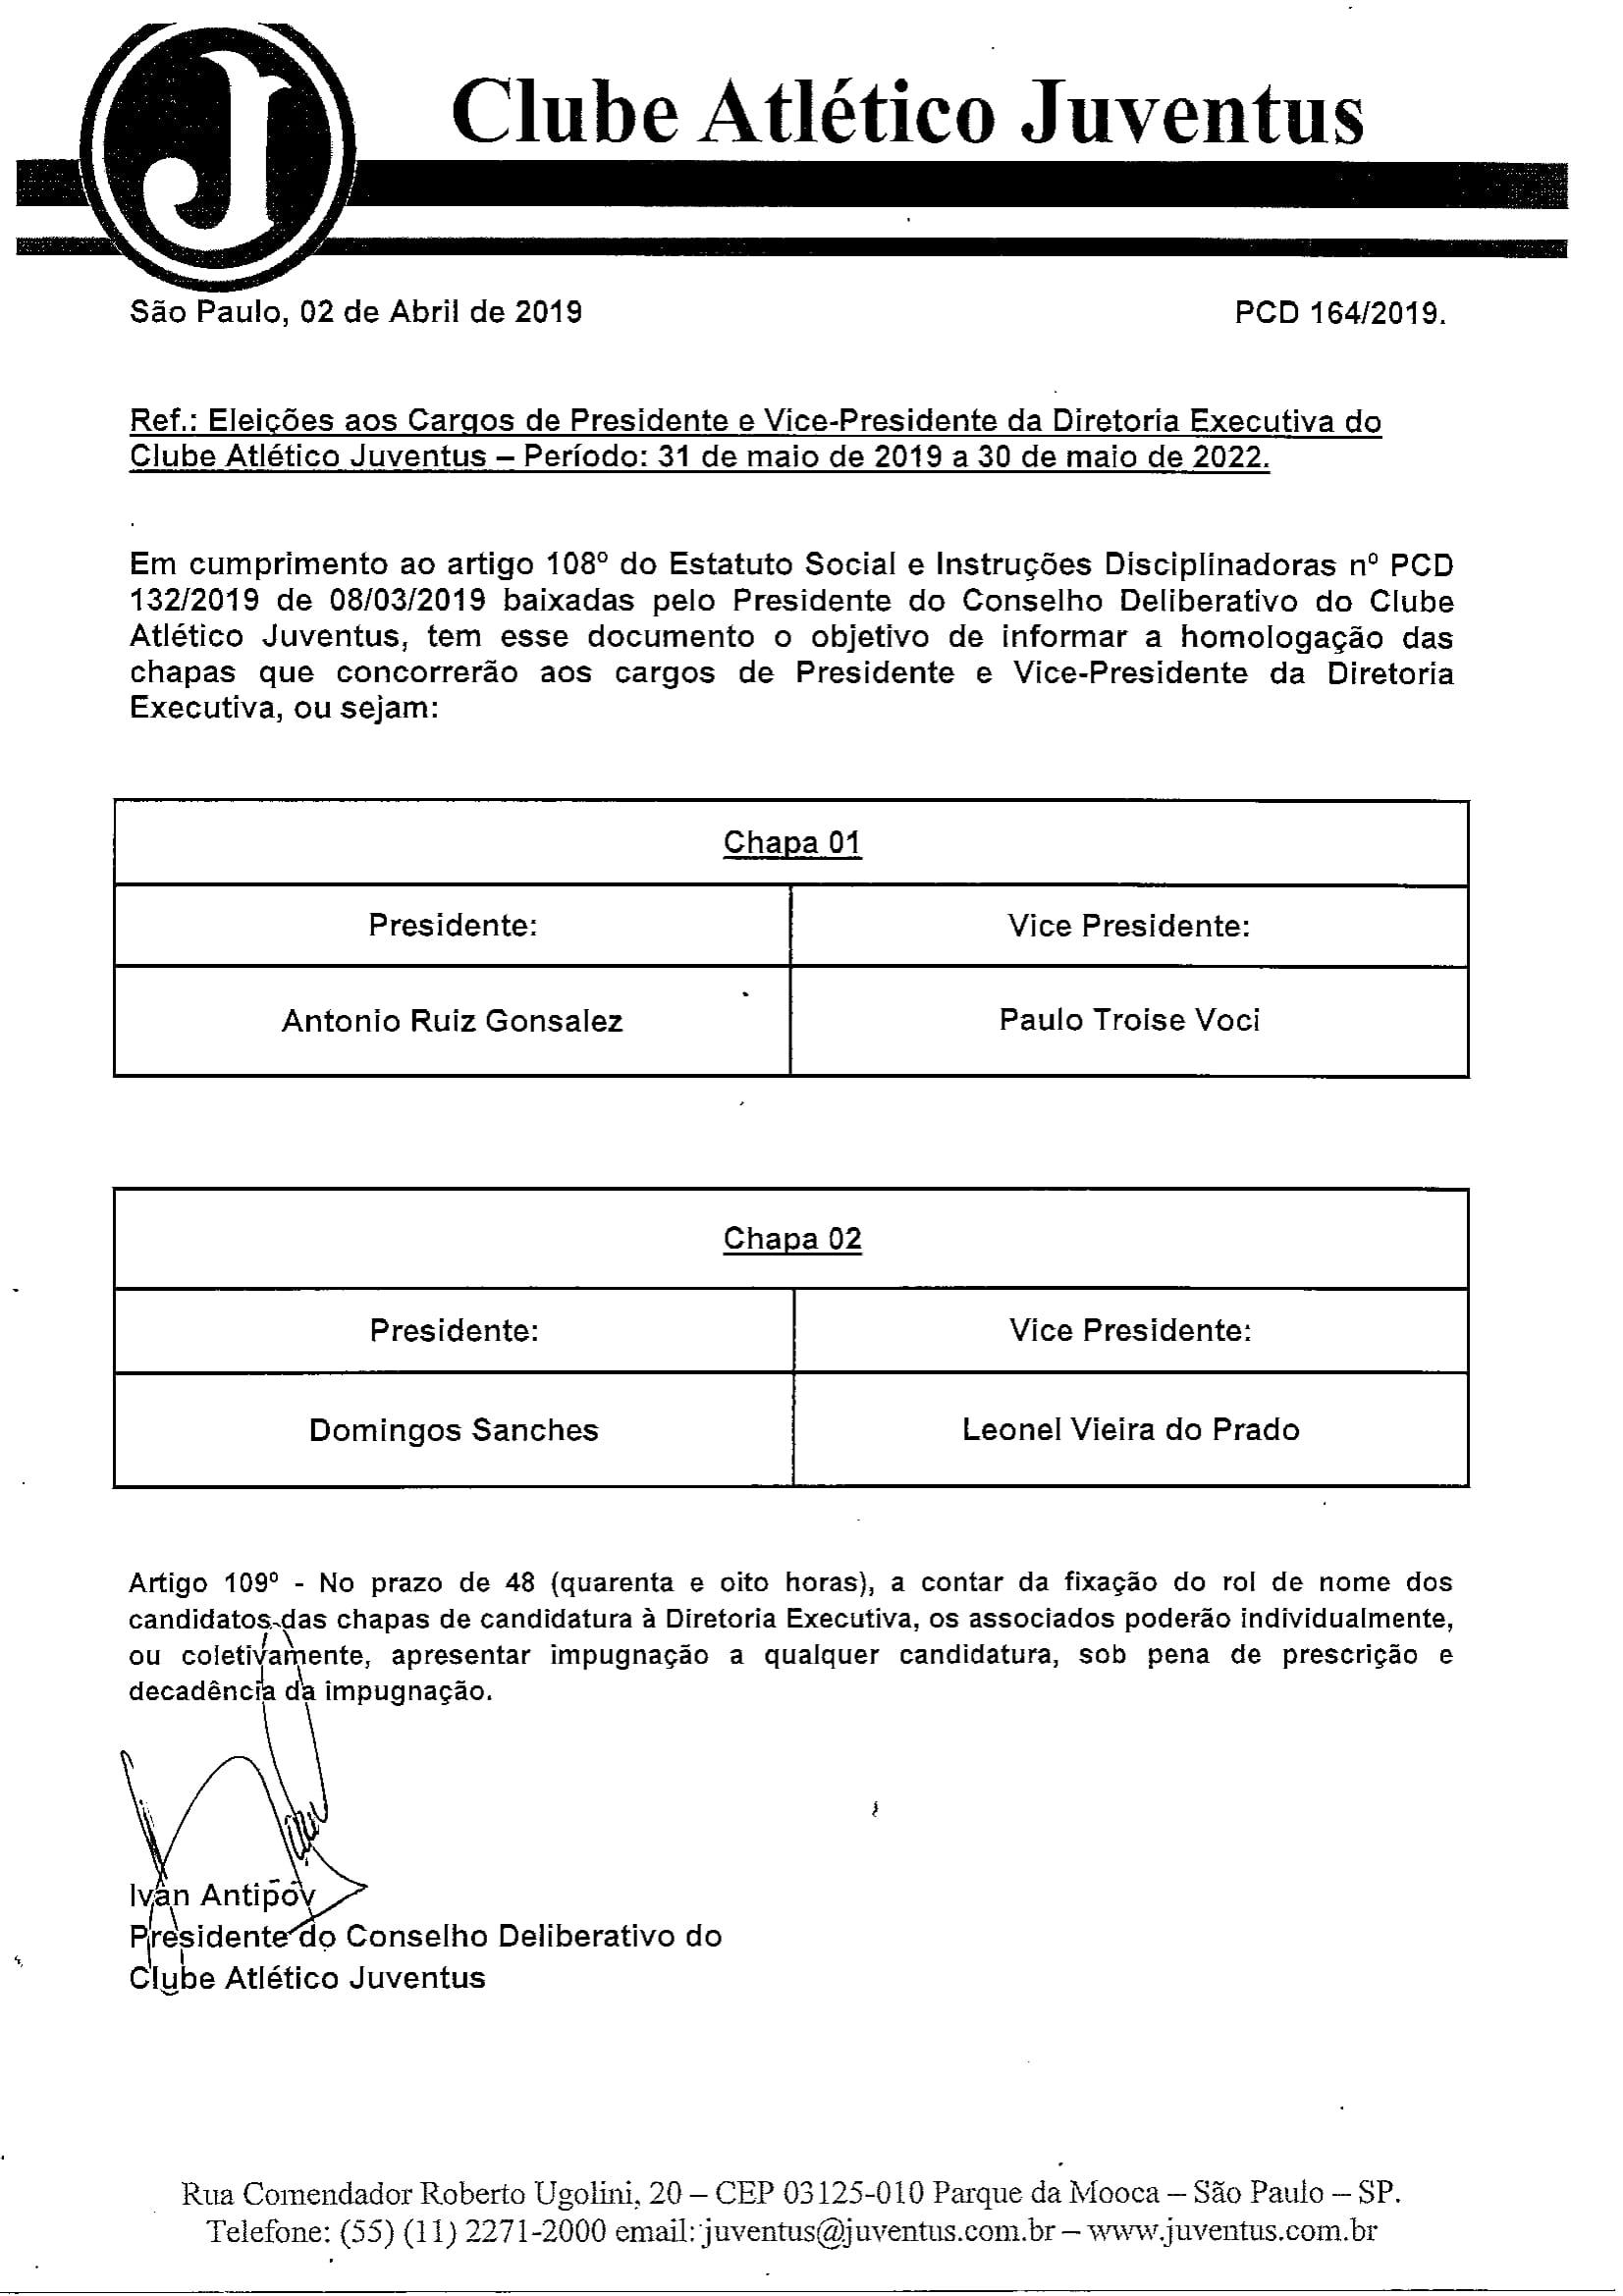 ELEIÇÕES AOS CARGOS DE PRESIDENTE E VICE PRESIDENTE DA D E075-1